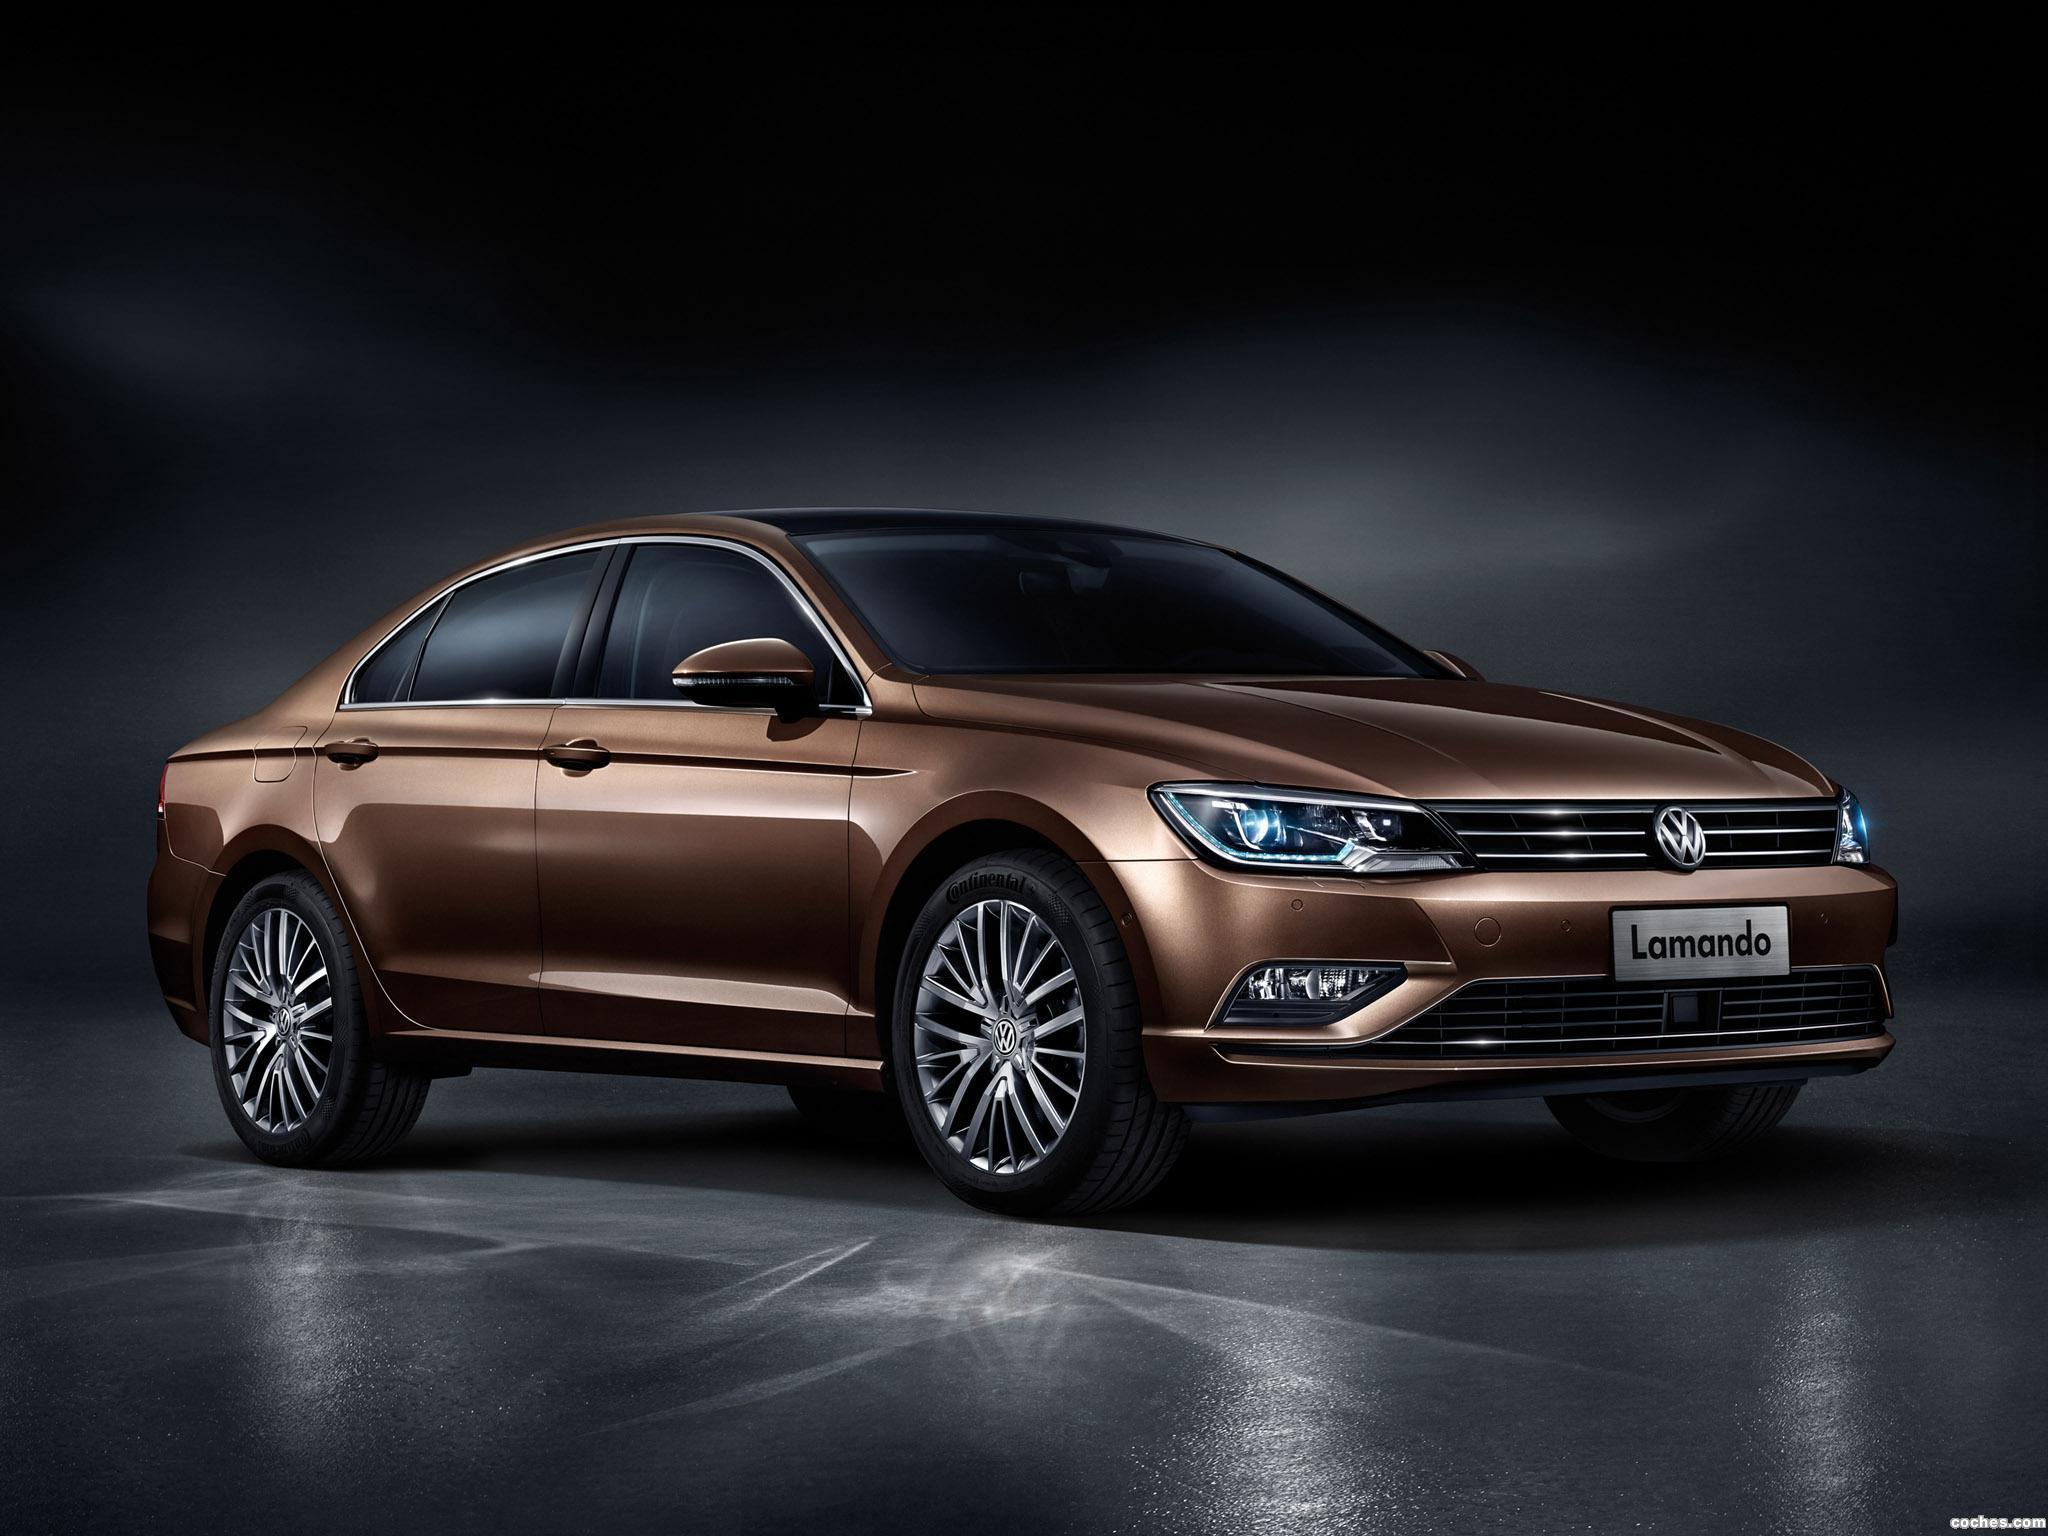 Foto 0 de Volkswagen Lamando 2014